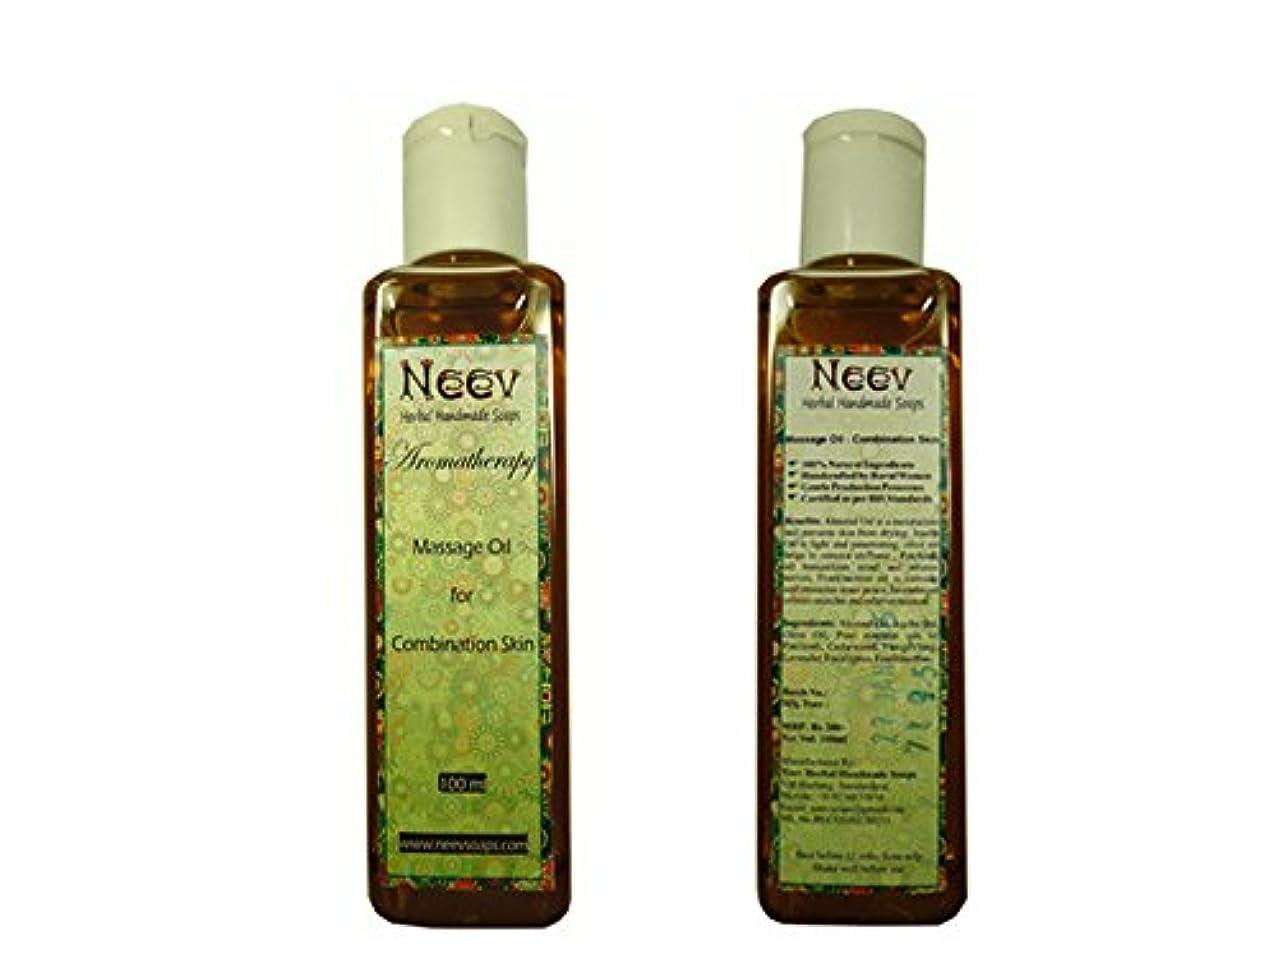 平衡シャーロットブロンテ確認する手作り ニーブ アロマセラピー マッサージオイル For Combination Skin NEEV Aromatherapy Massage Oil for Combination Skin